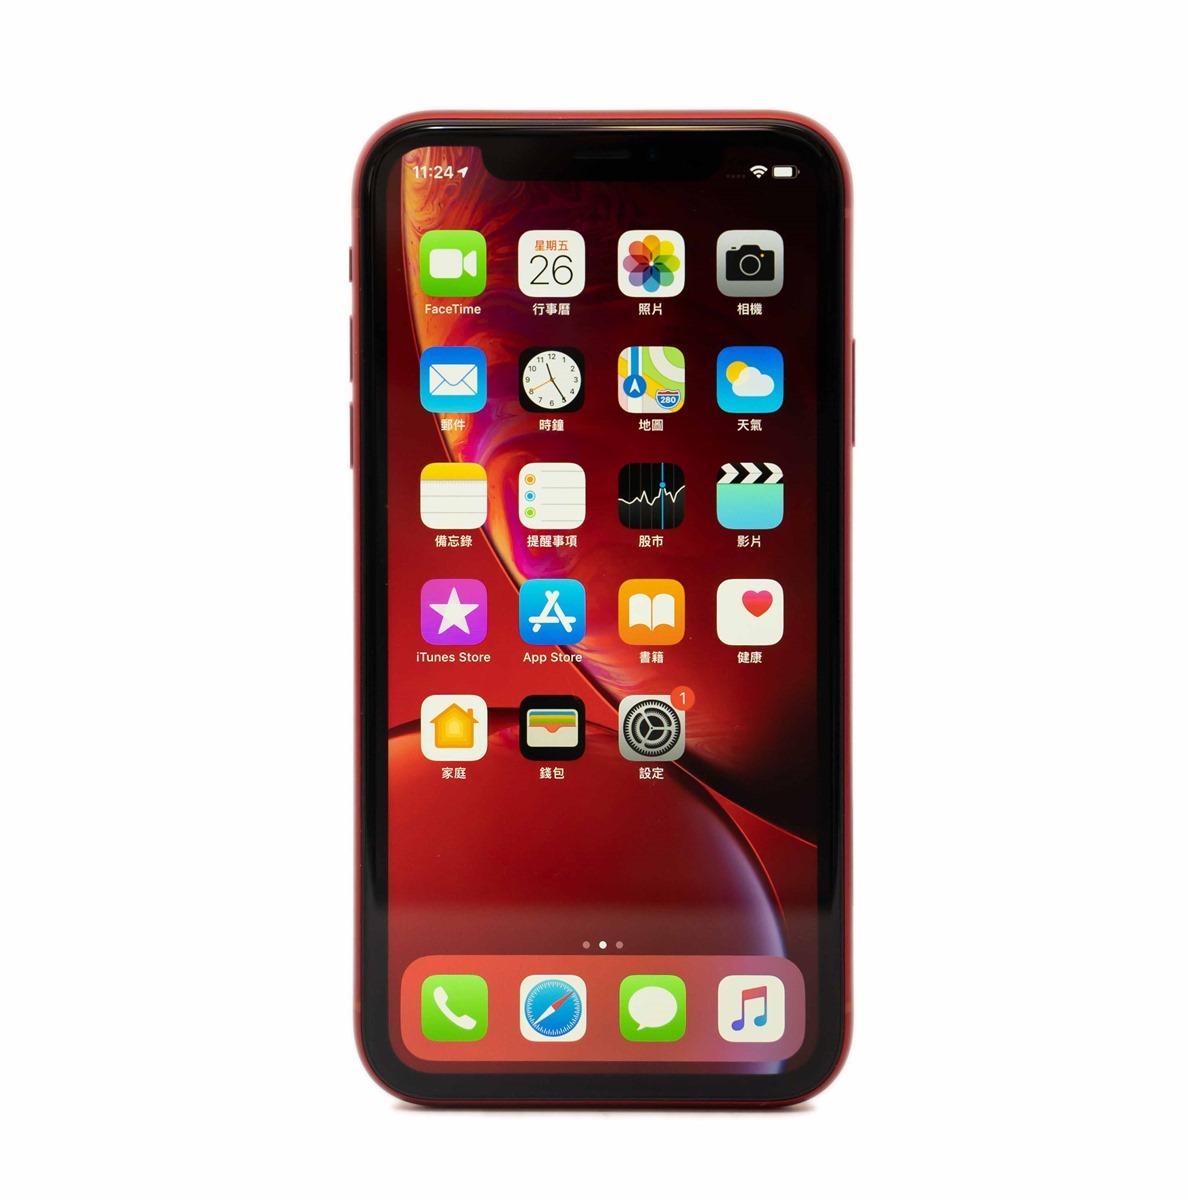 加加減減的新機 iPhone XR 開箱 (PRODUCT)RED™ !到底優點多還是缺點多?大家可以接受嗎? @3C 達人廖阿輝